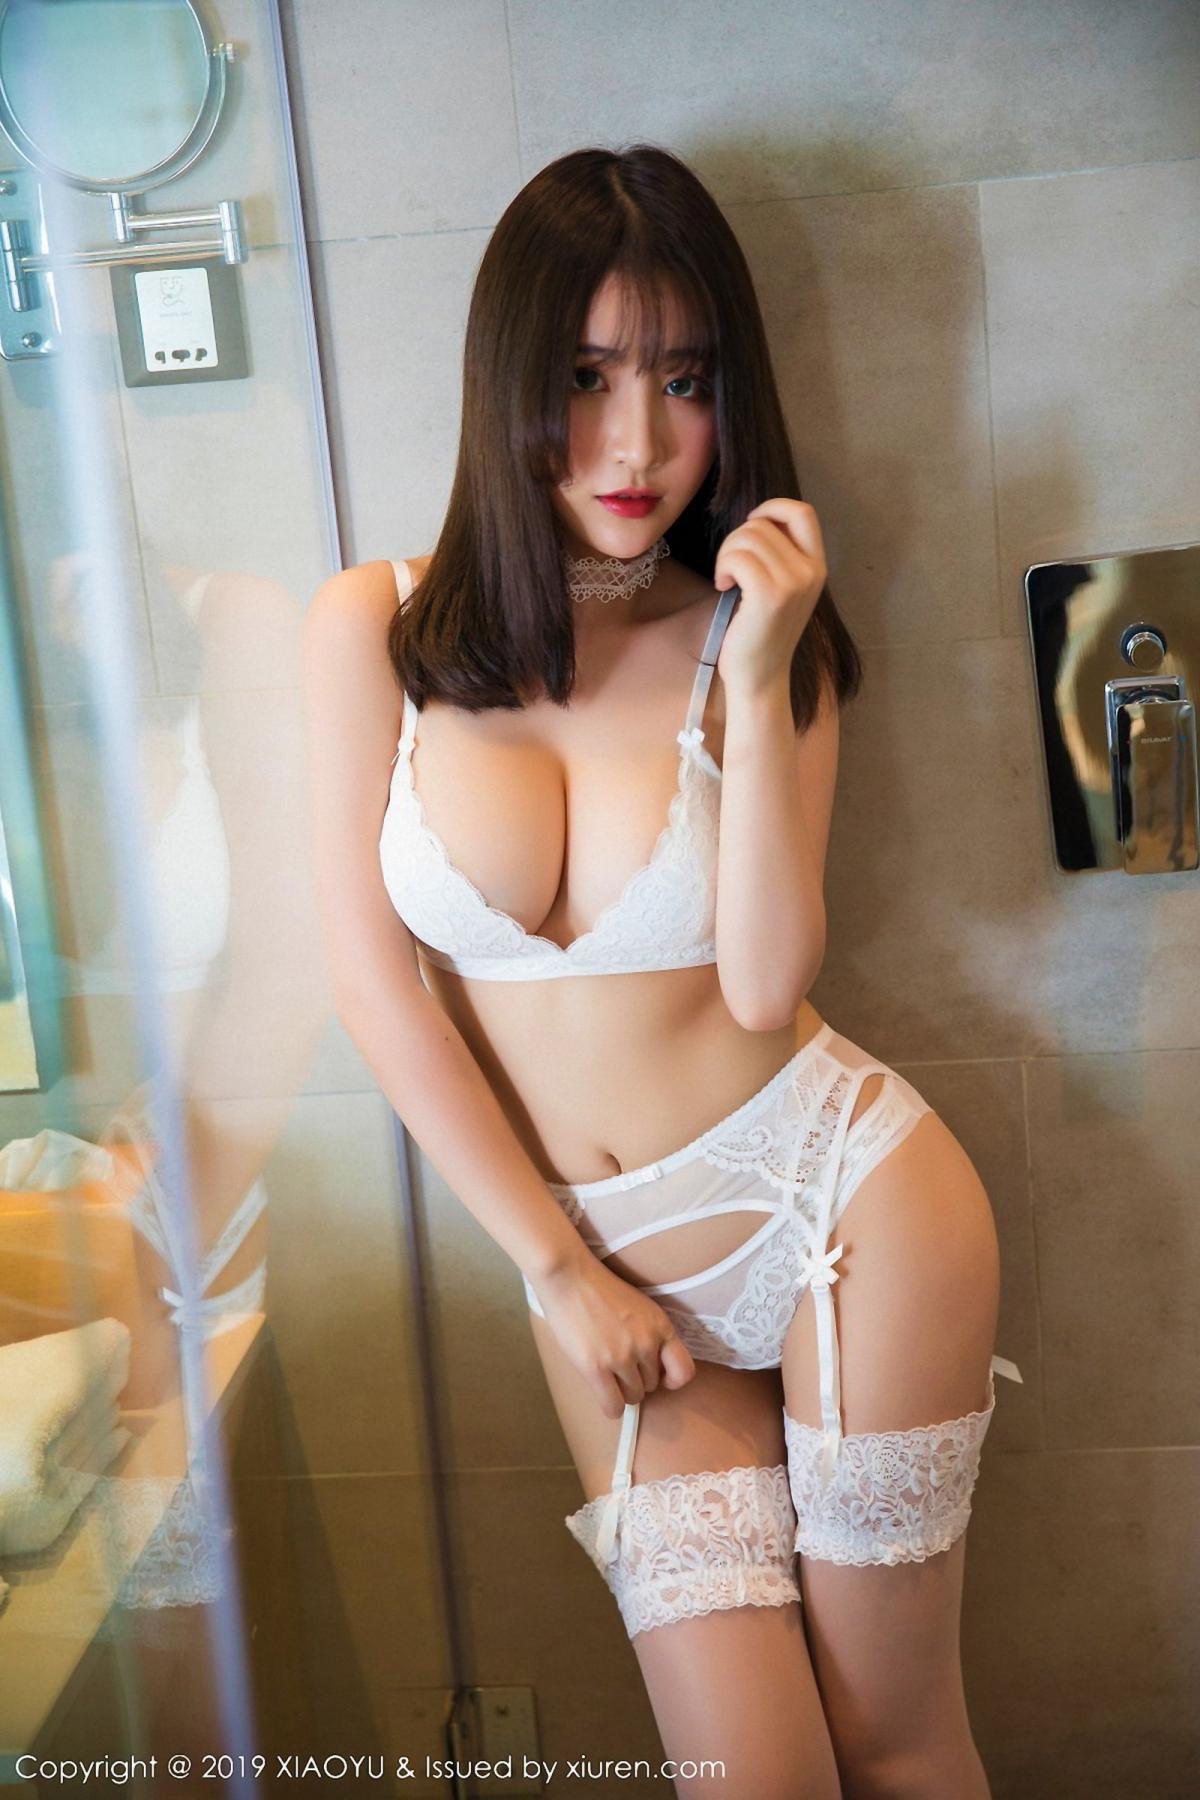 [XiaoYu] Vol.027 Xie Zhi Xin 2P, Bathroom, Underwear, XiaoYu, Xie Zhi Xin